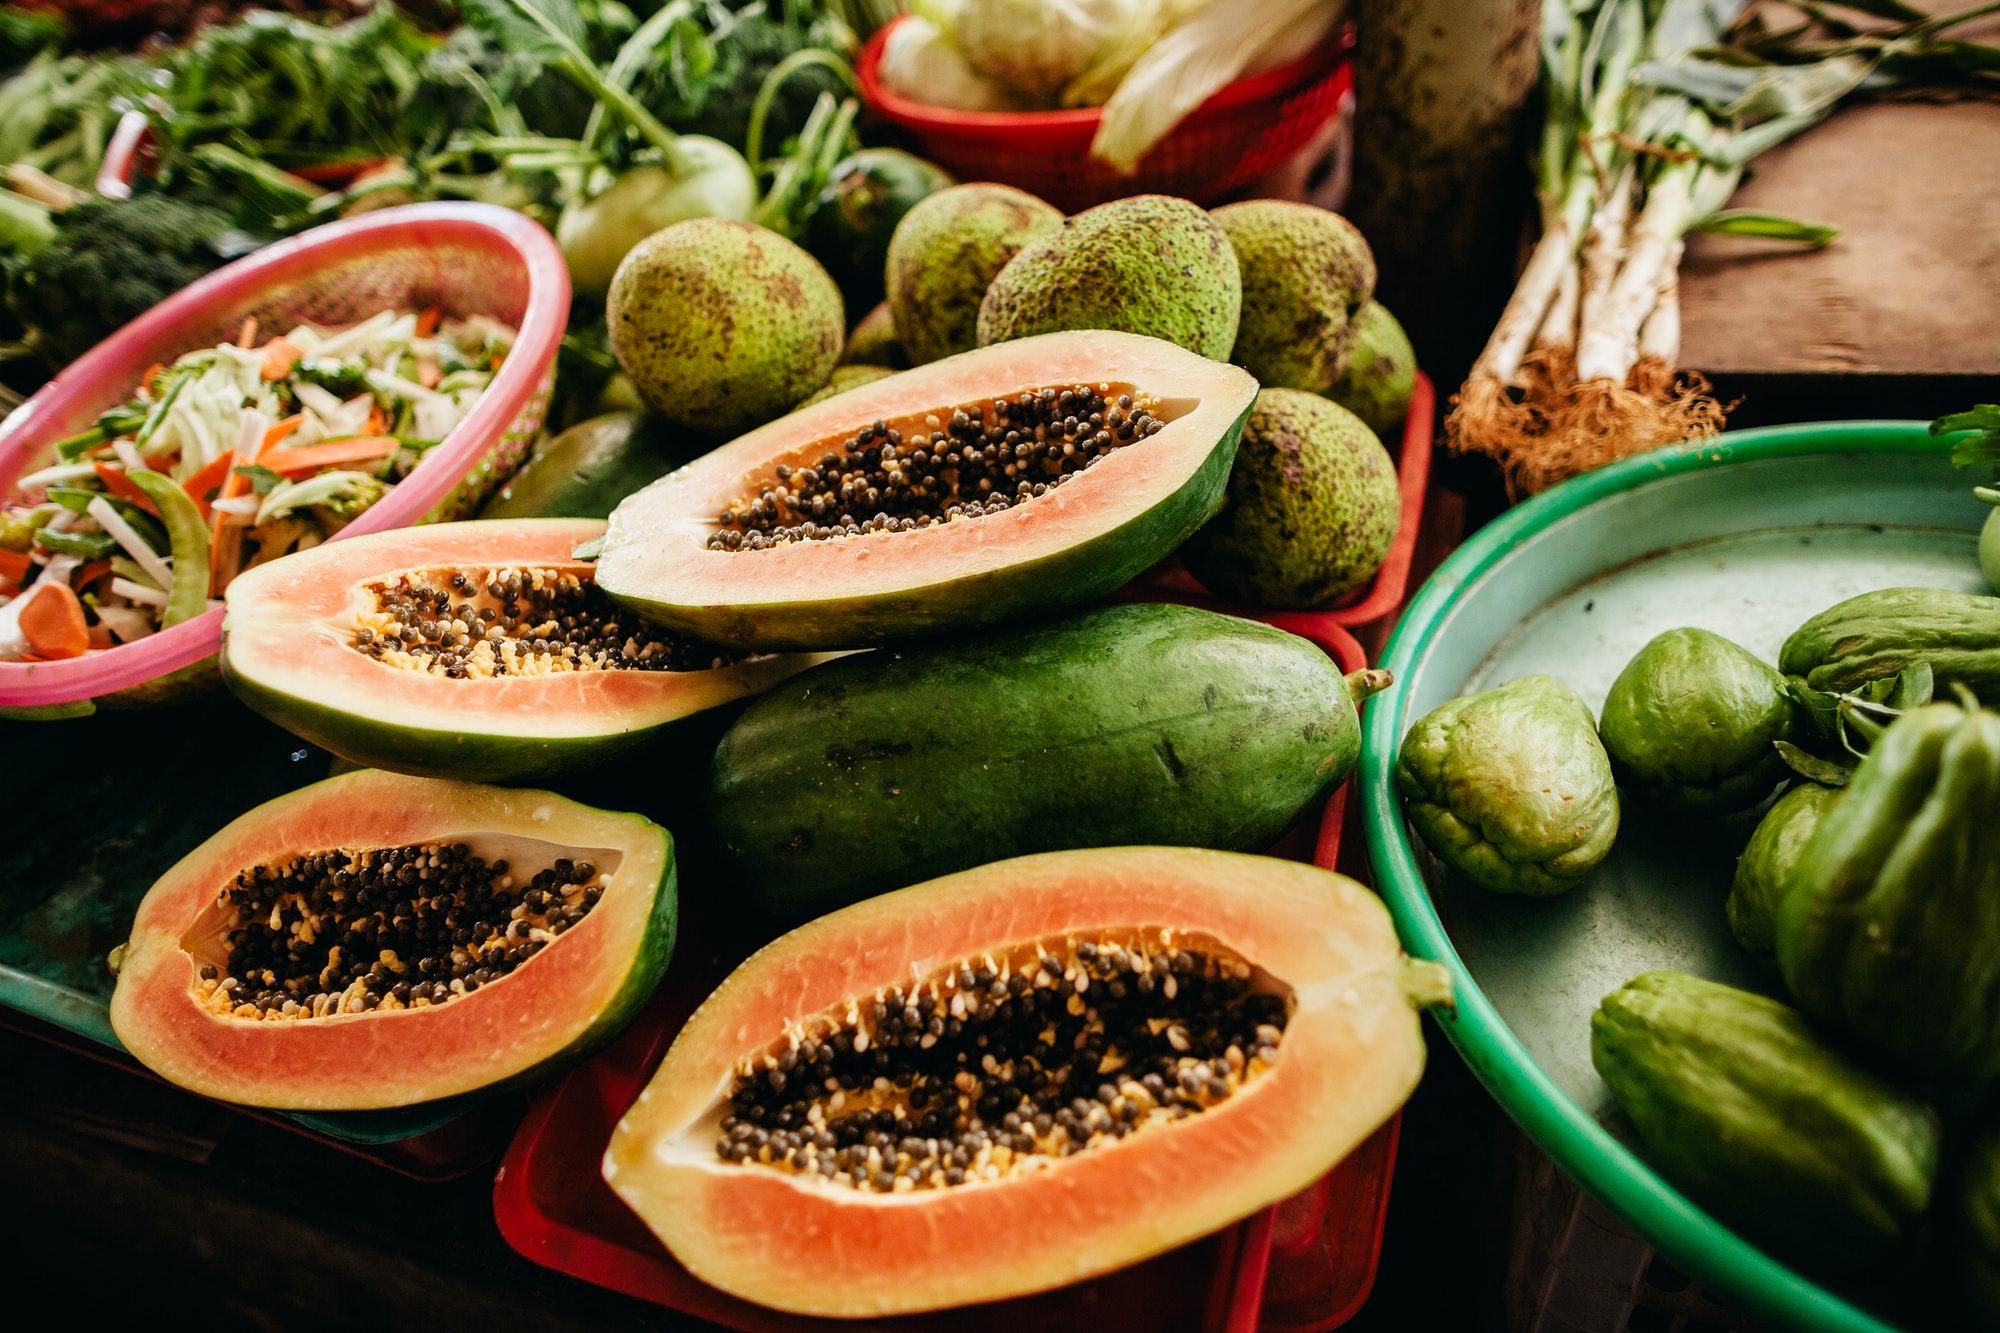 papaya cut at tropical market in asia